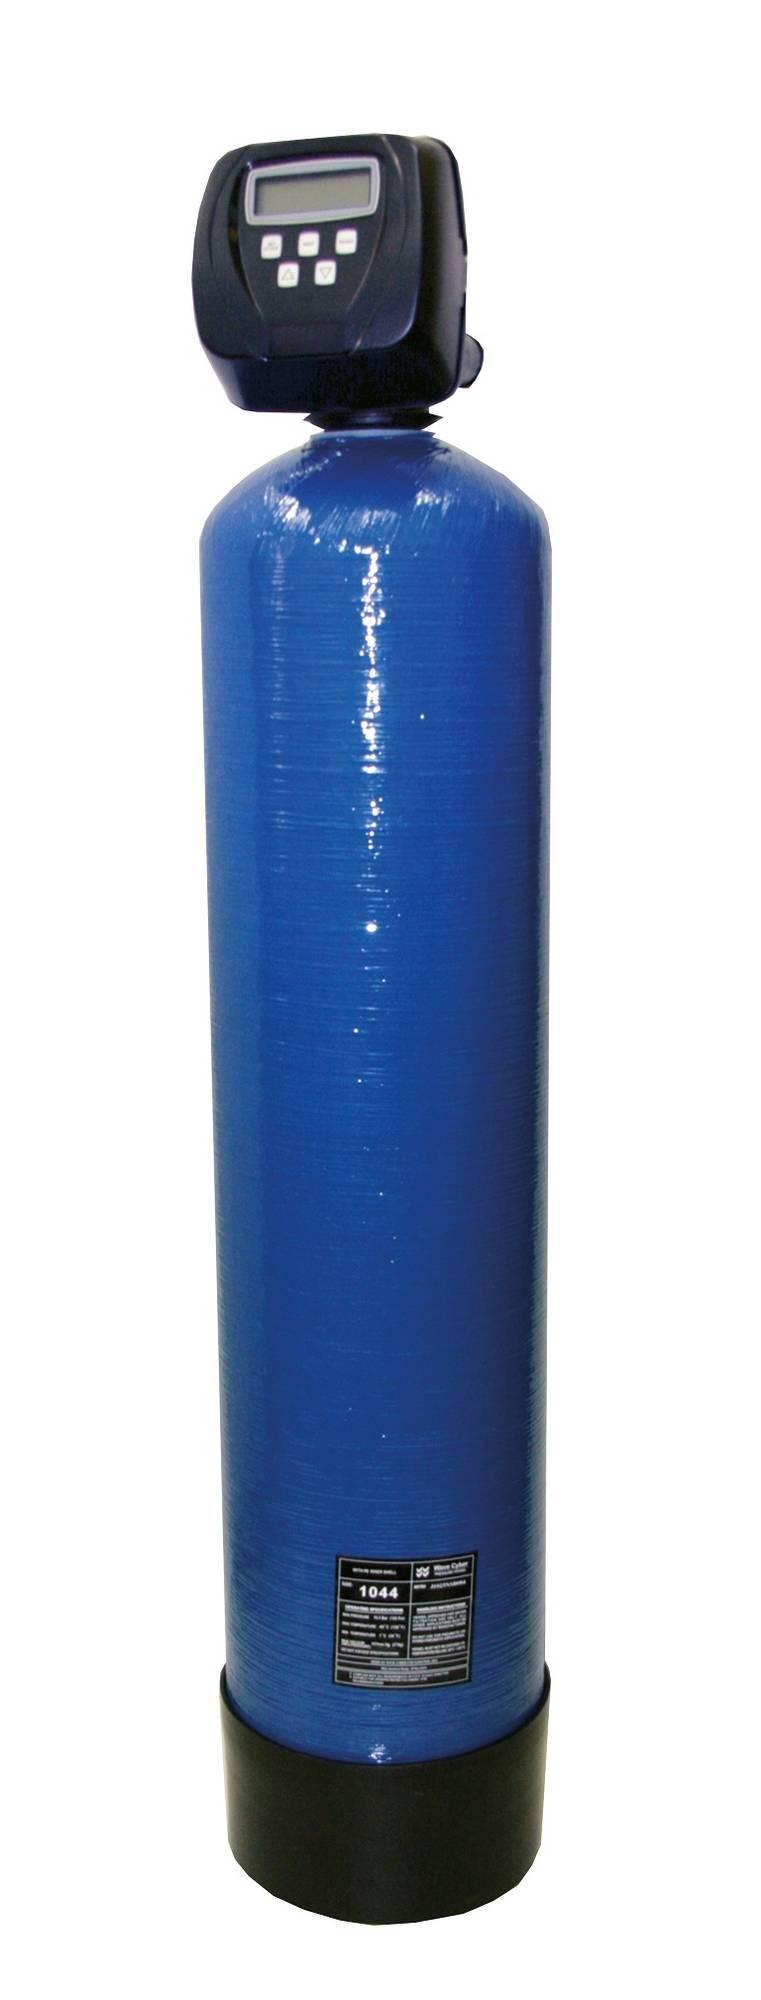 Sloupcový filtr - pro odstraňování chloru z vody Typ: IVAR.DEFEMN 030